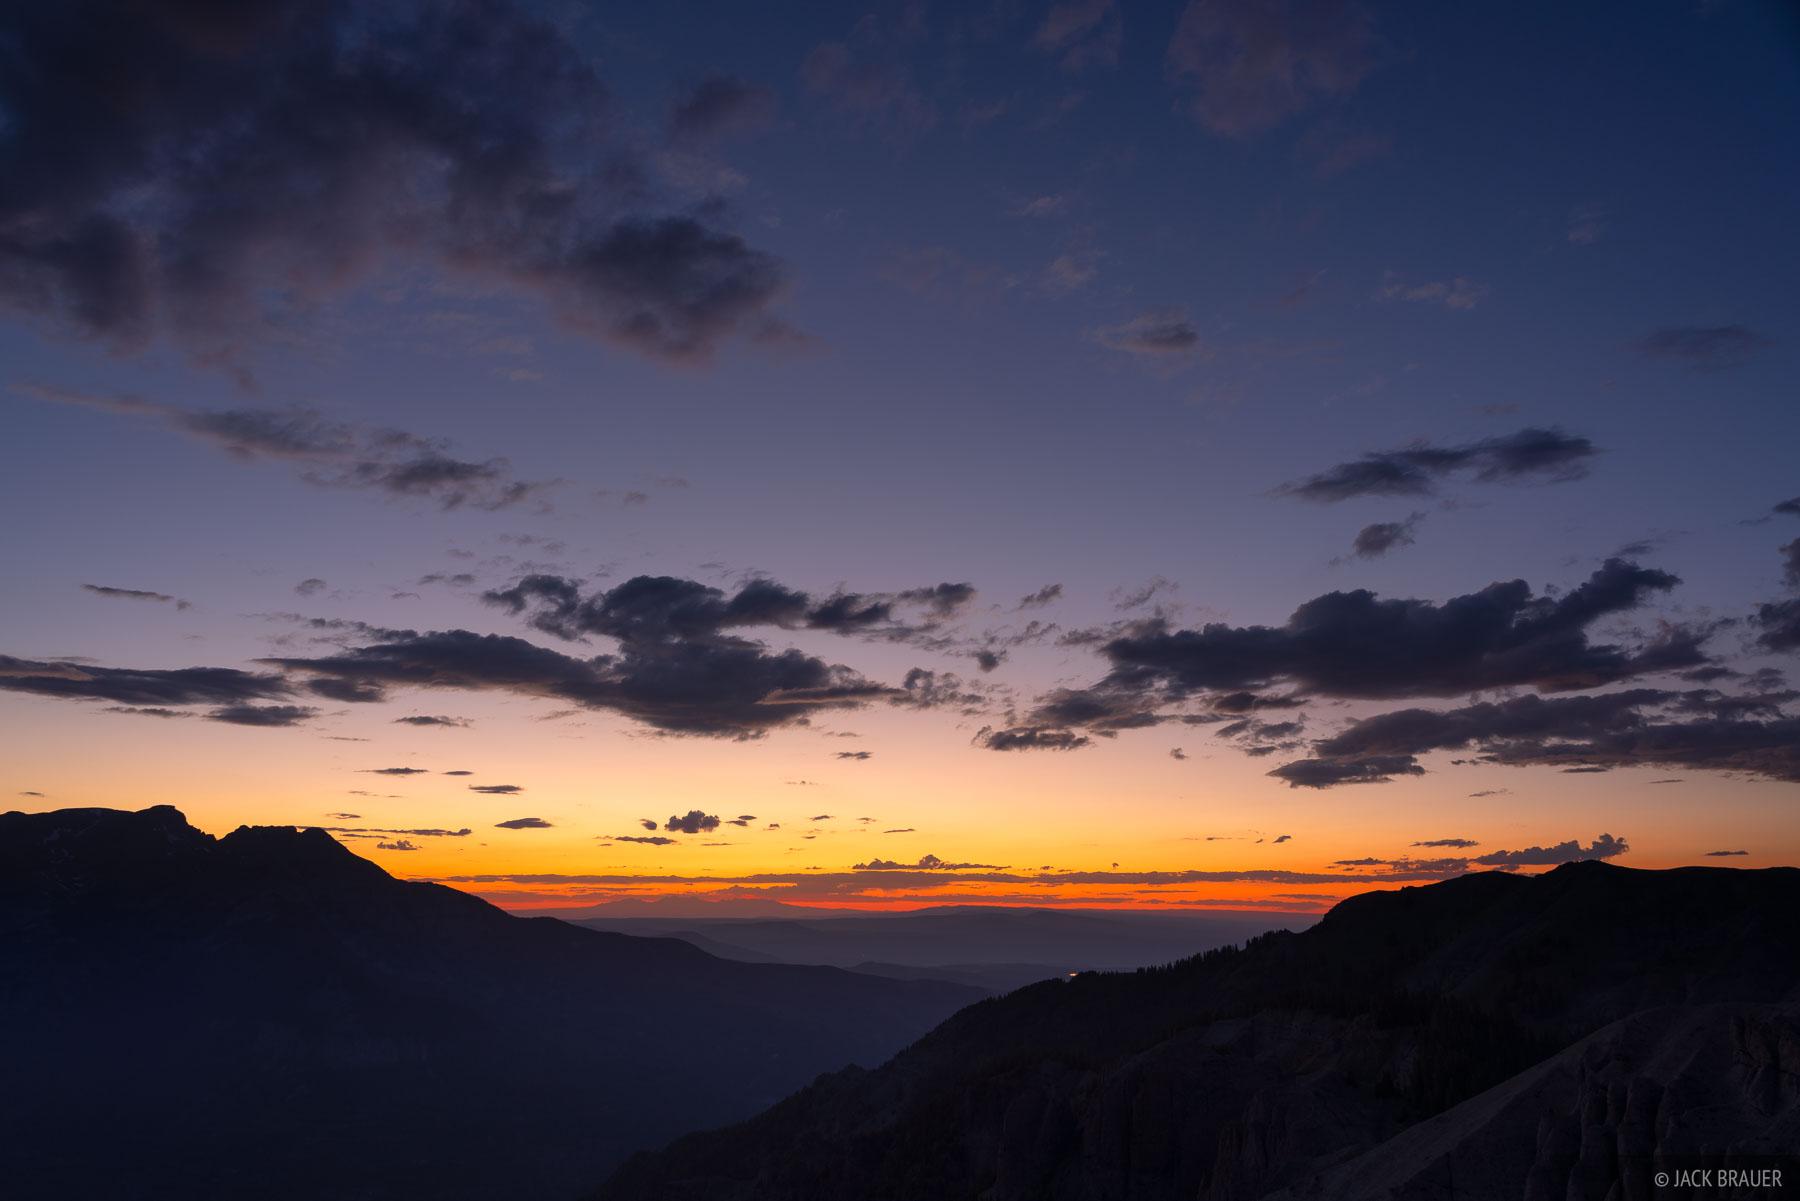 Colorado, San Juan Mountains, dusk, photo